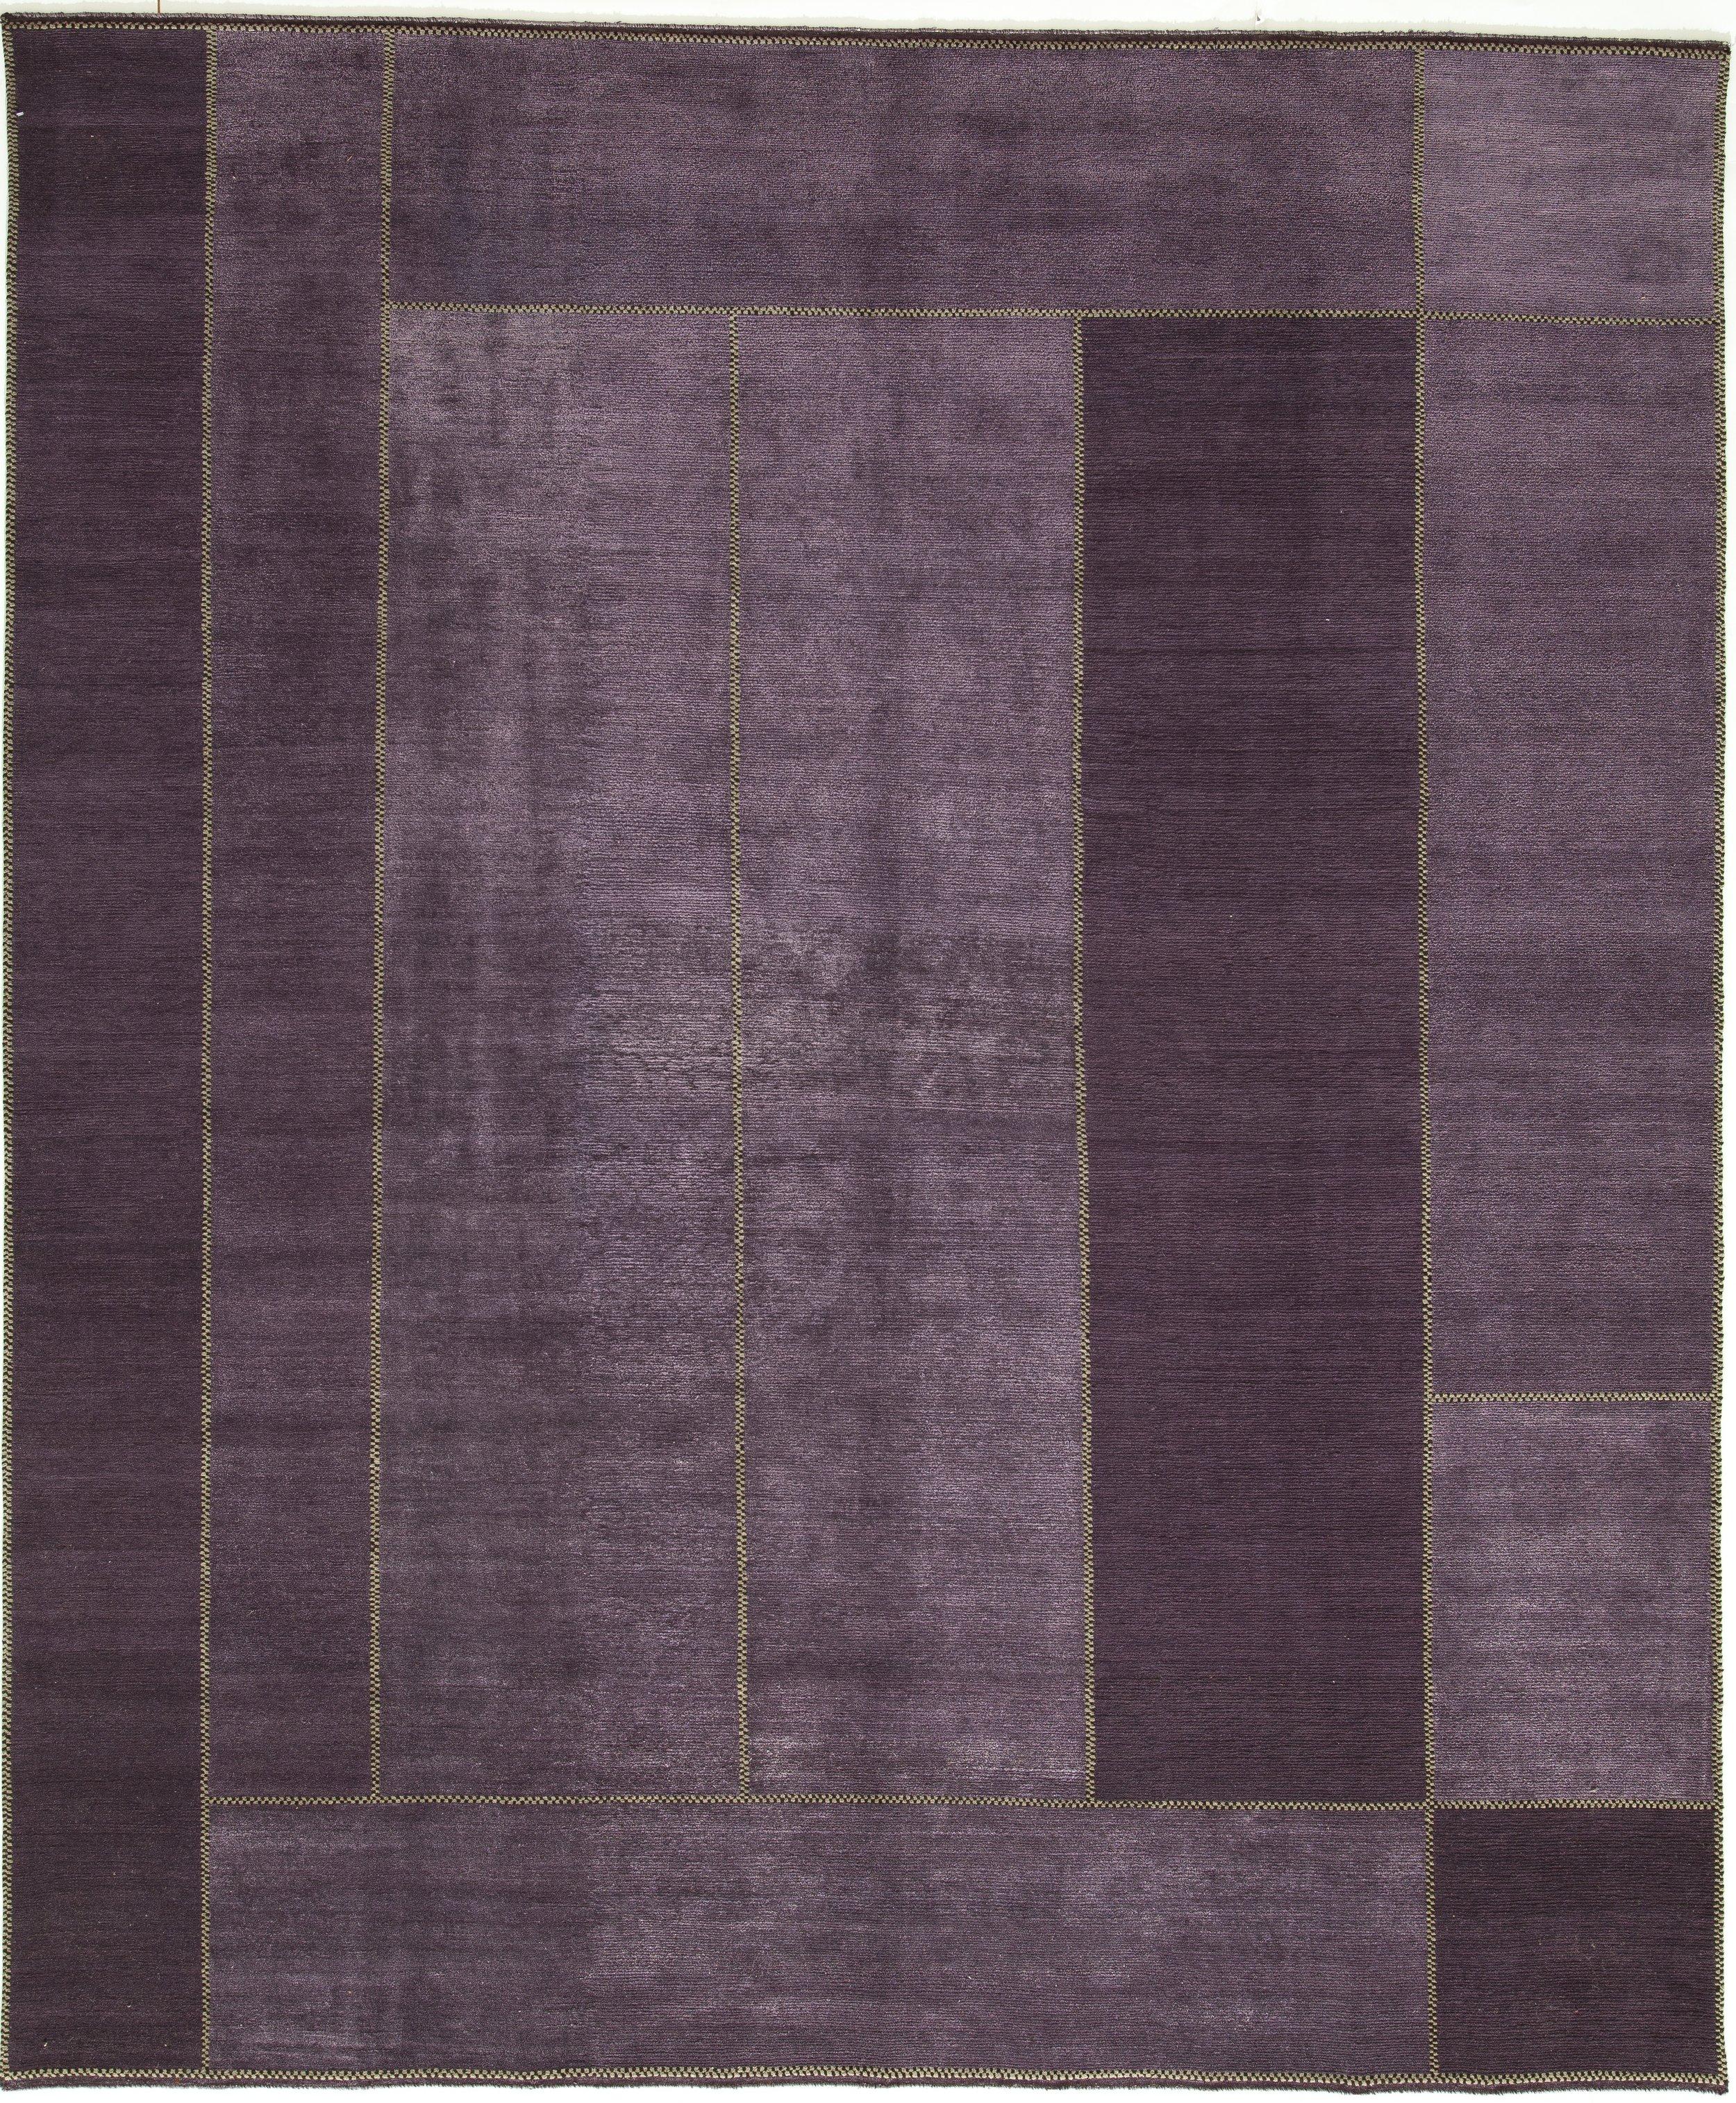 Yardo. Oonah Quilt, 3P10, 8x10.jpg